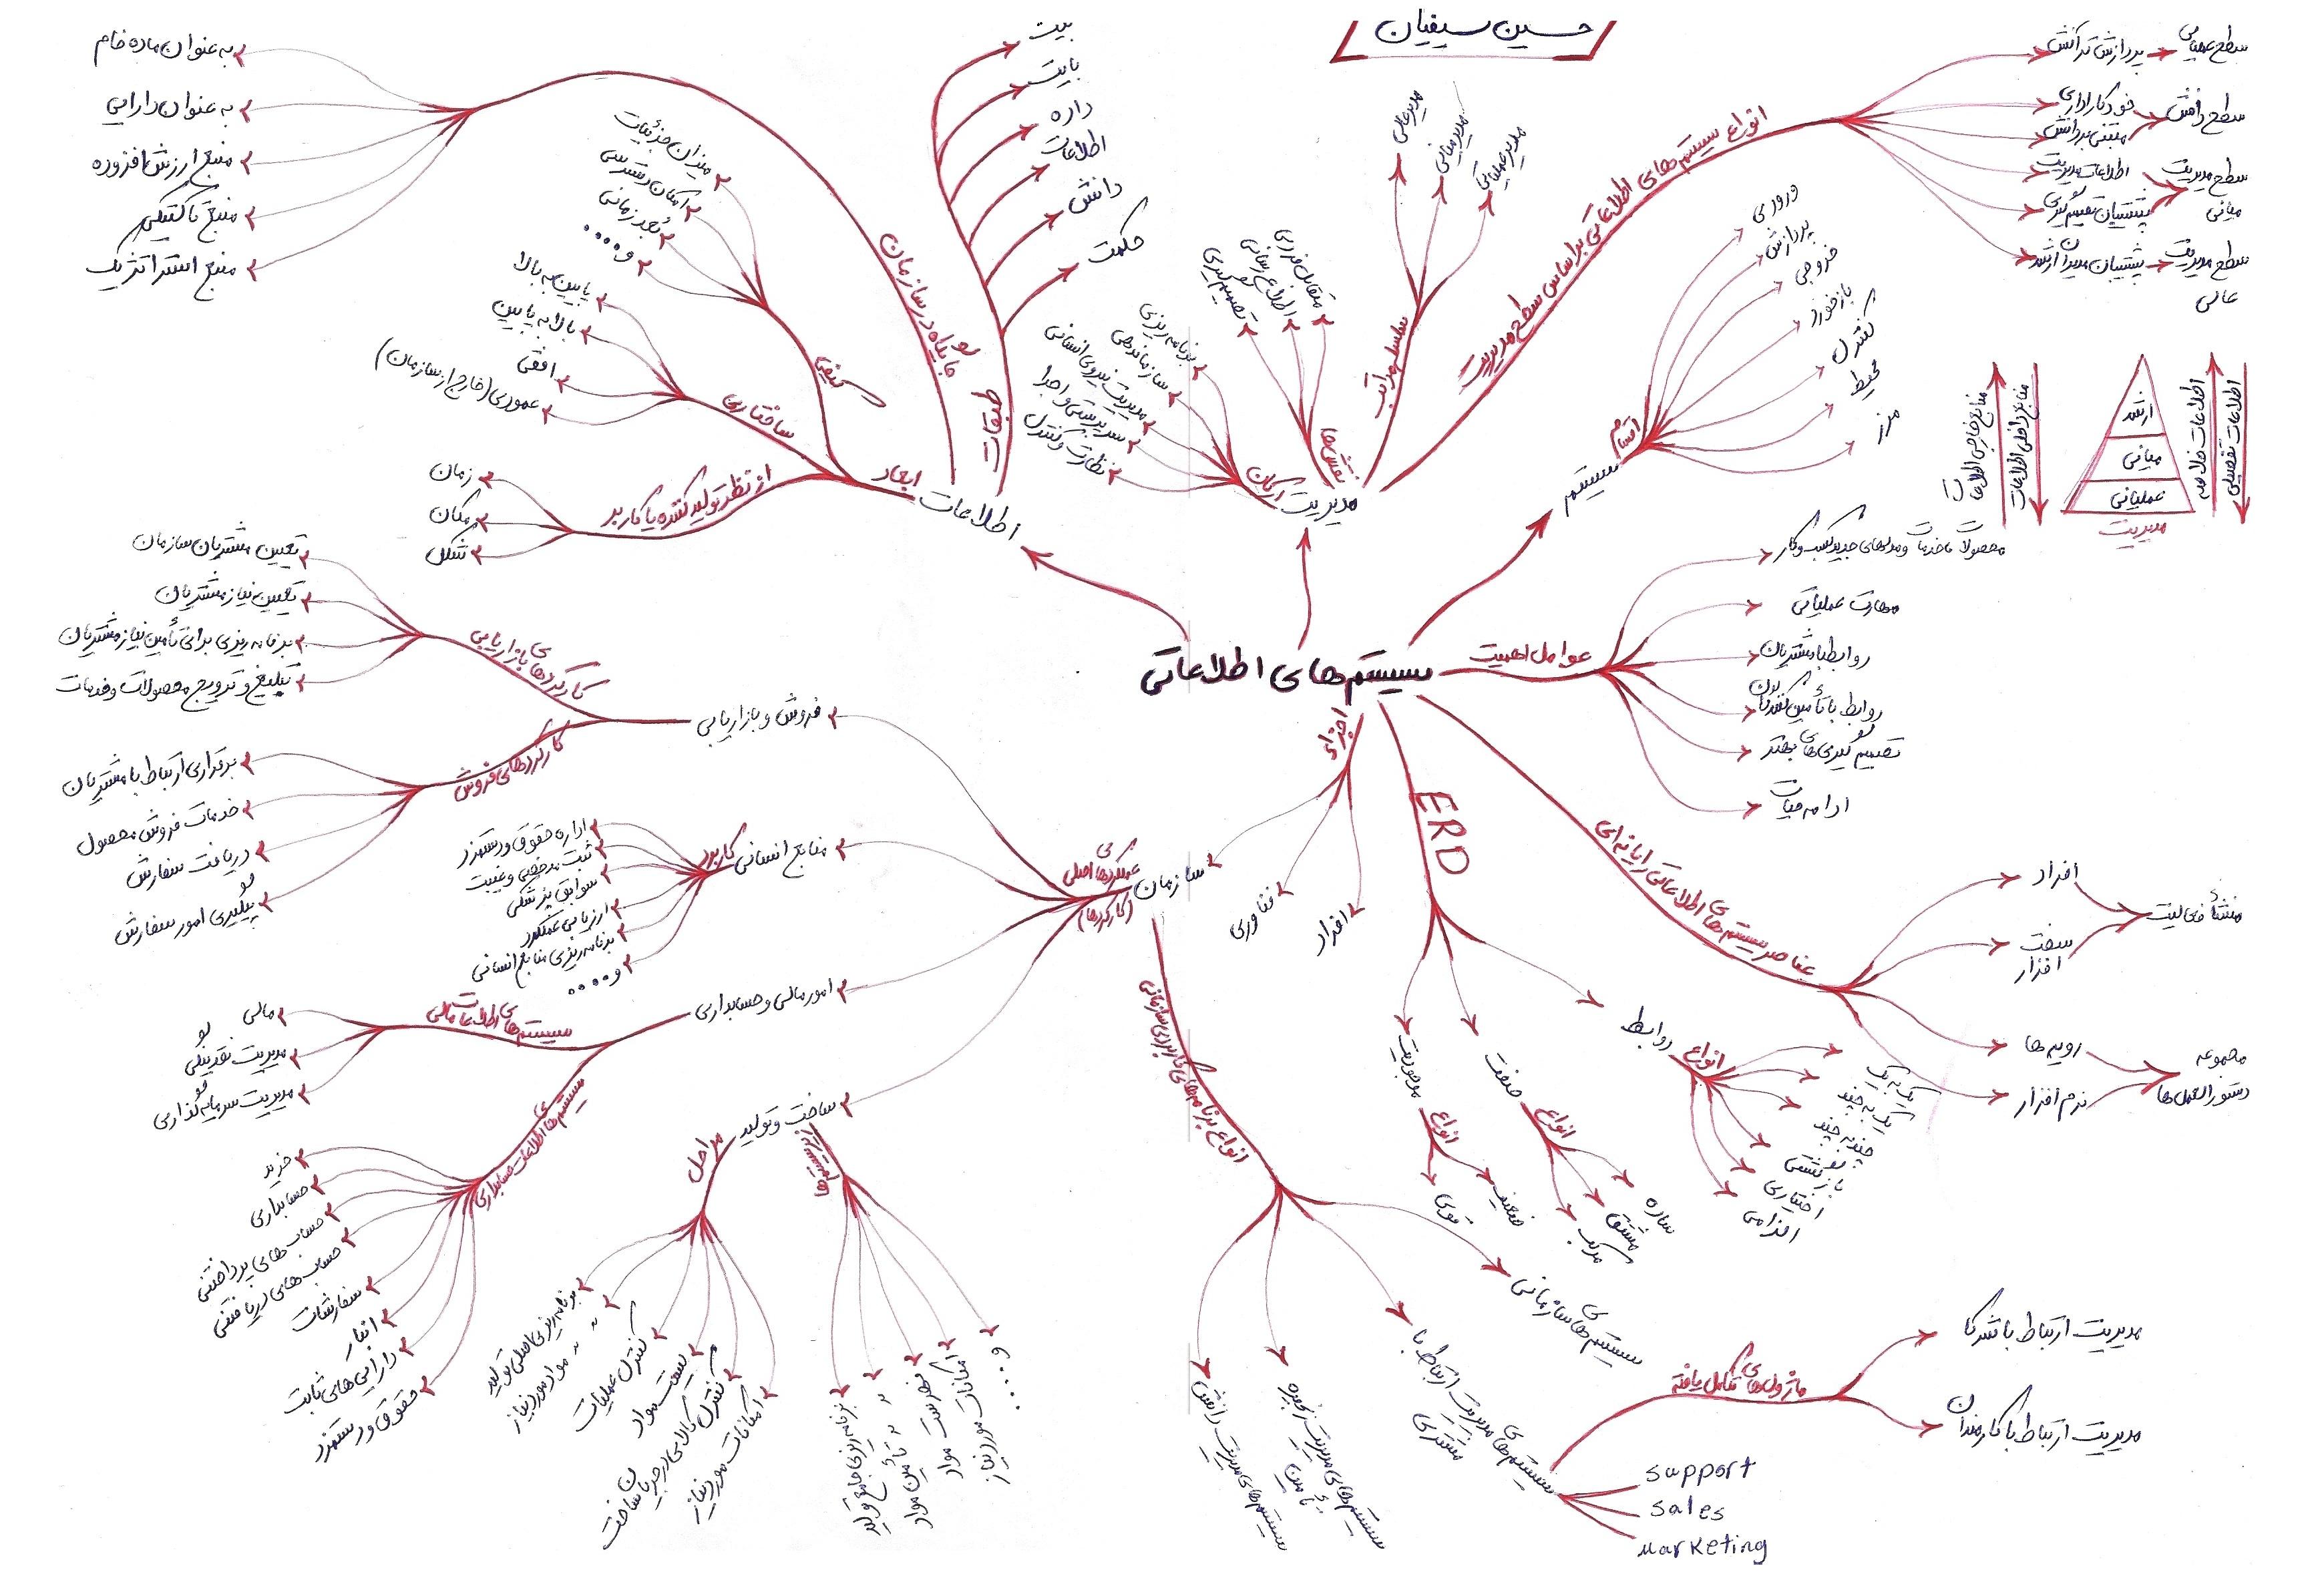 نقشه ذهنی سیستم های اطلاعات مدیریت